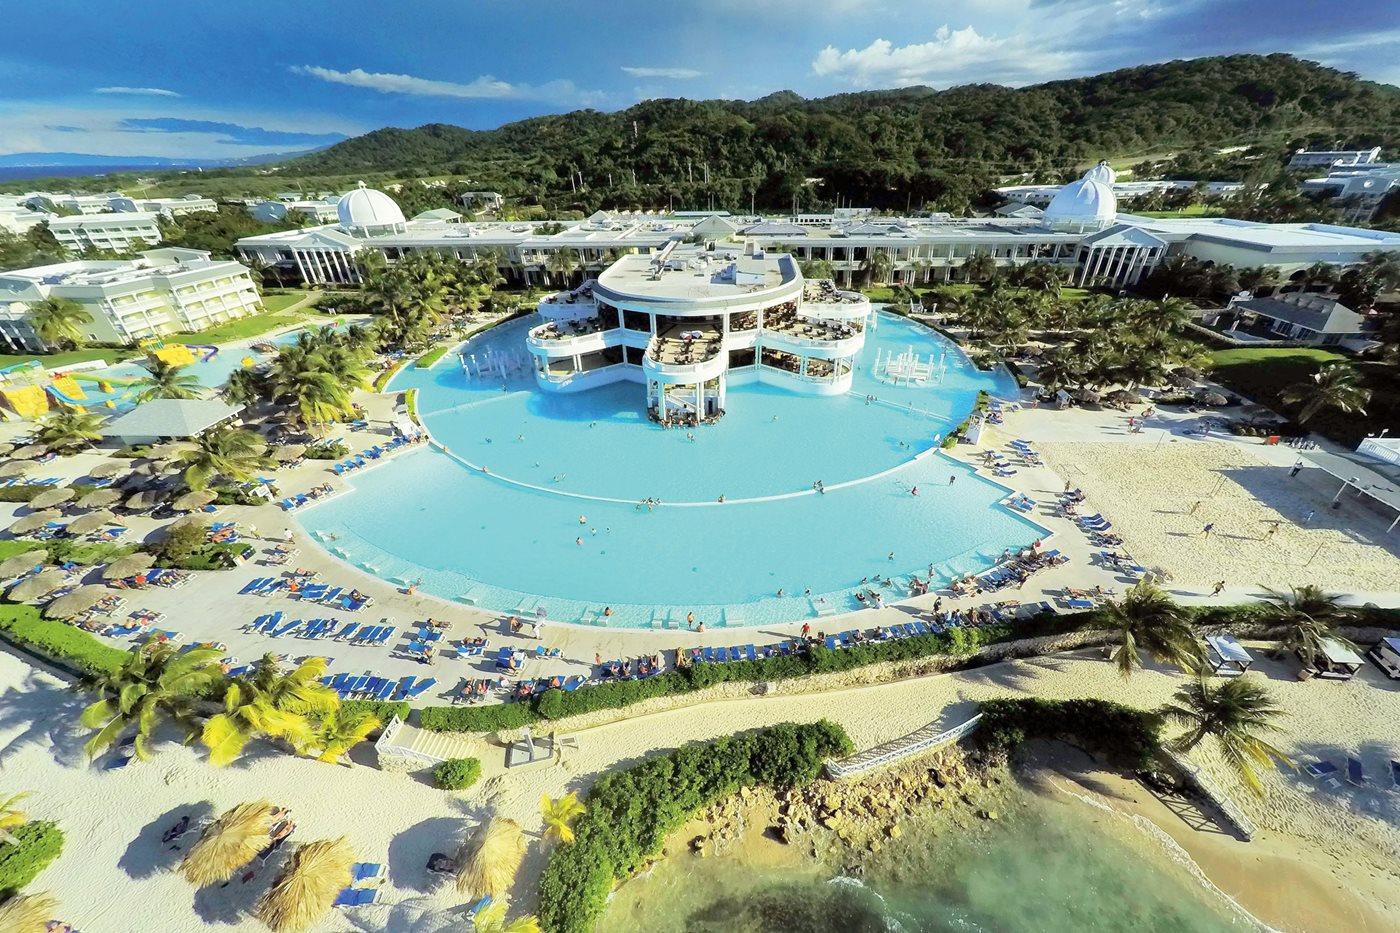 MBJ-Grand-Palladium-Jamaica-Aerial-001